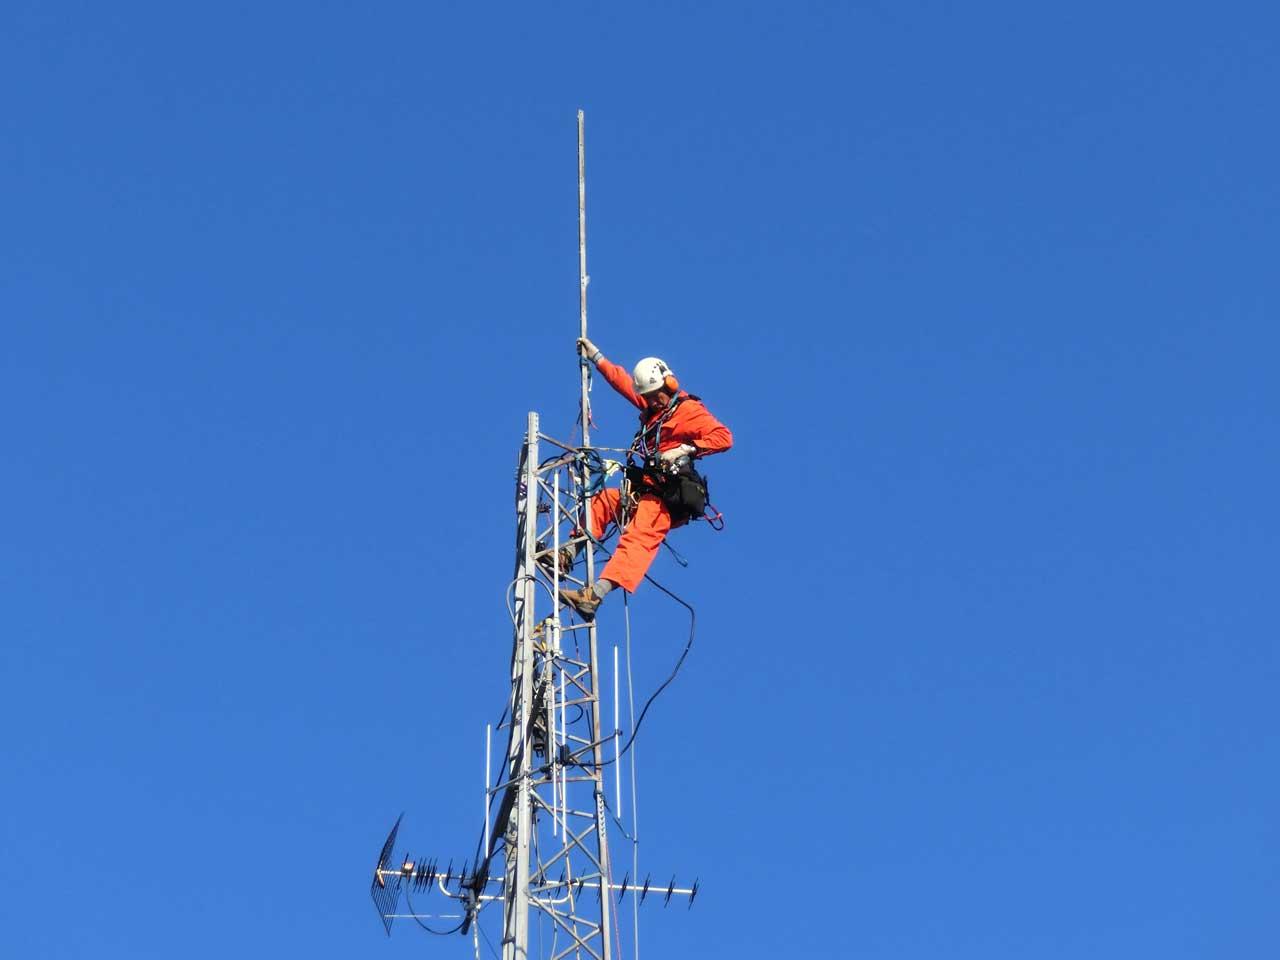 愛知県豊川市でのクリエートタワーの一部撤去工事